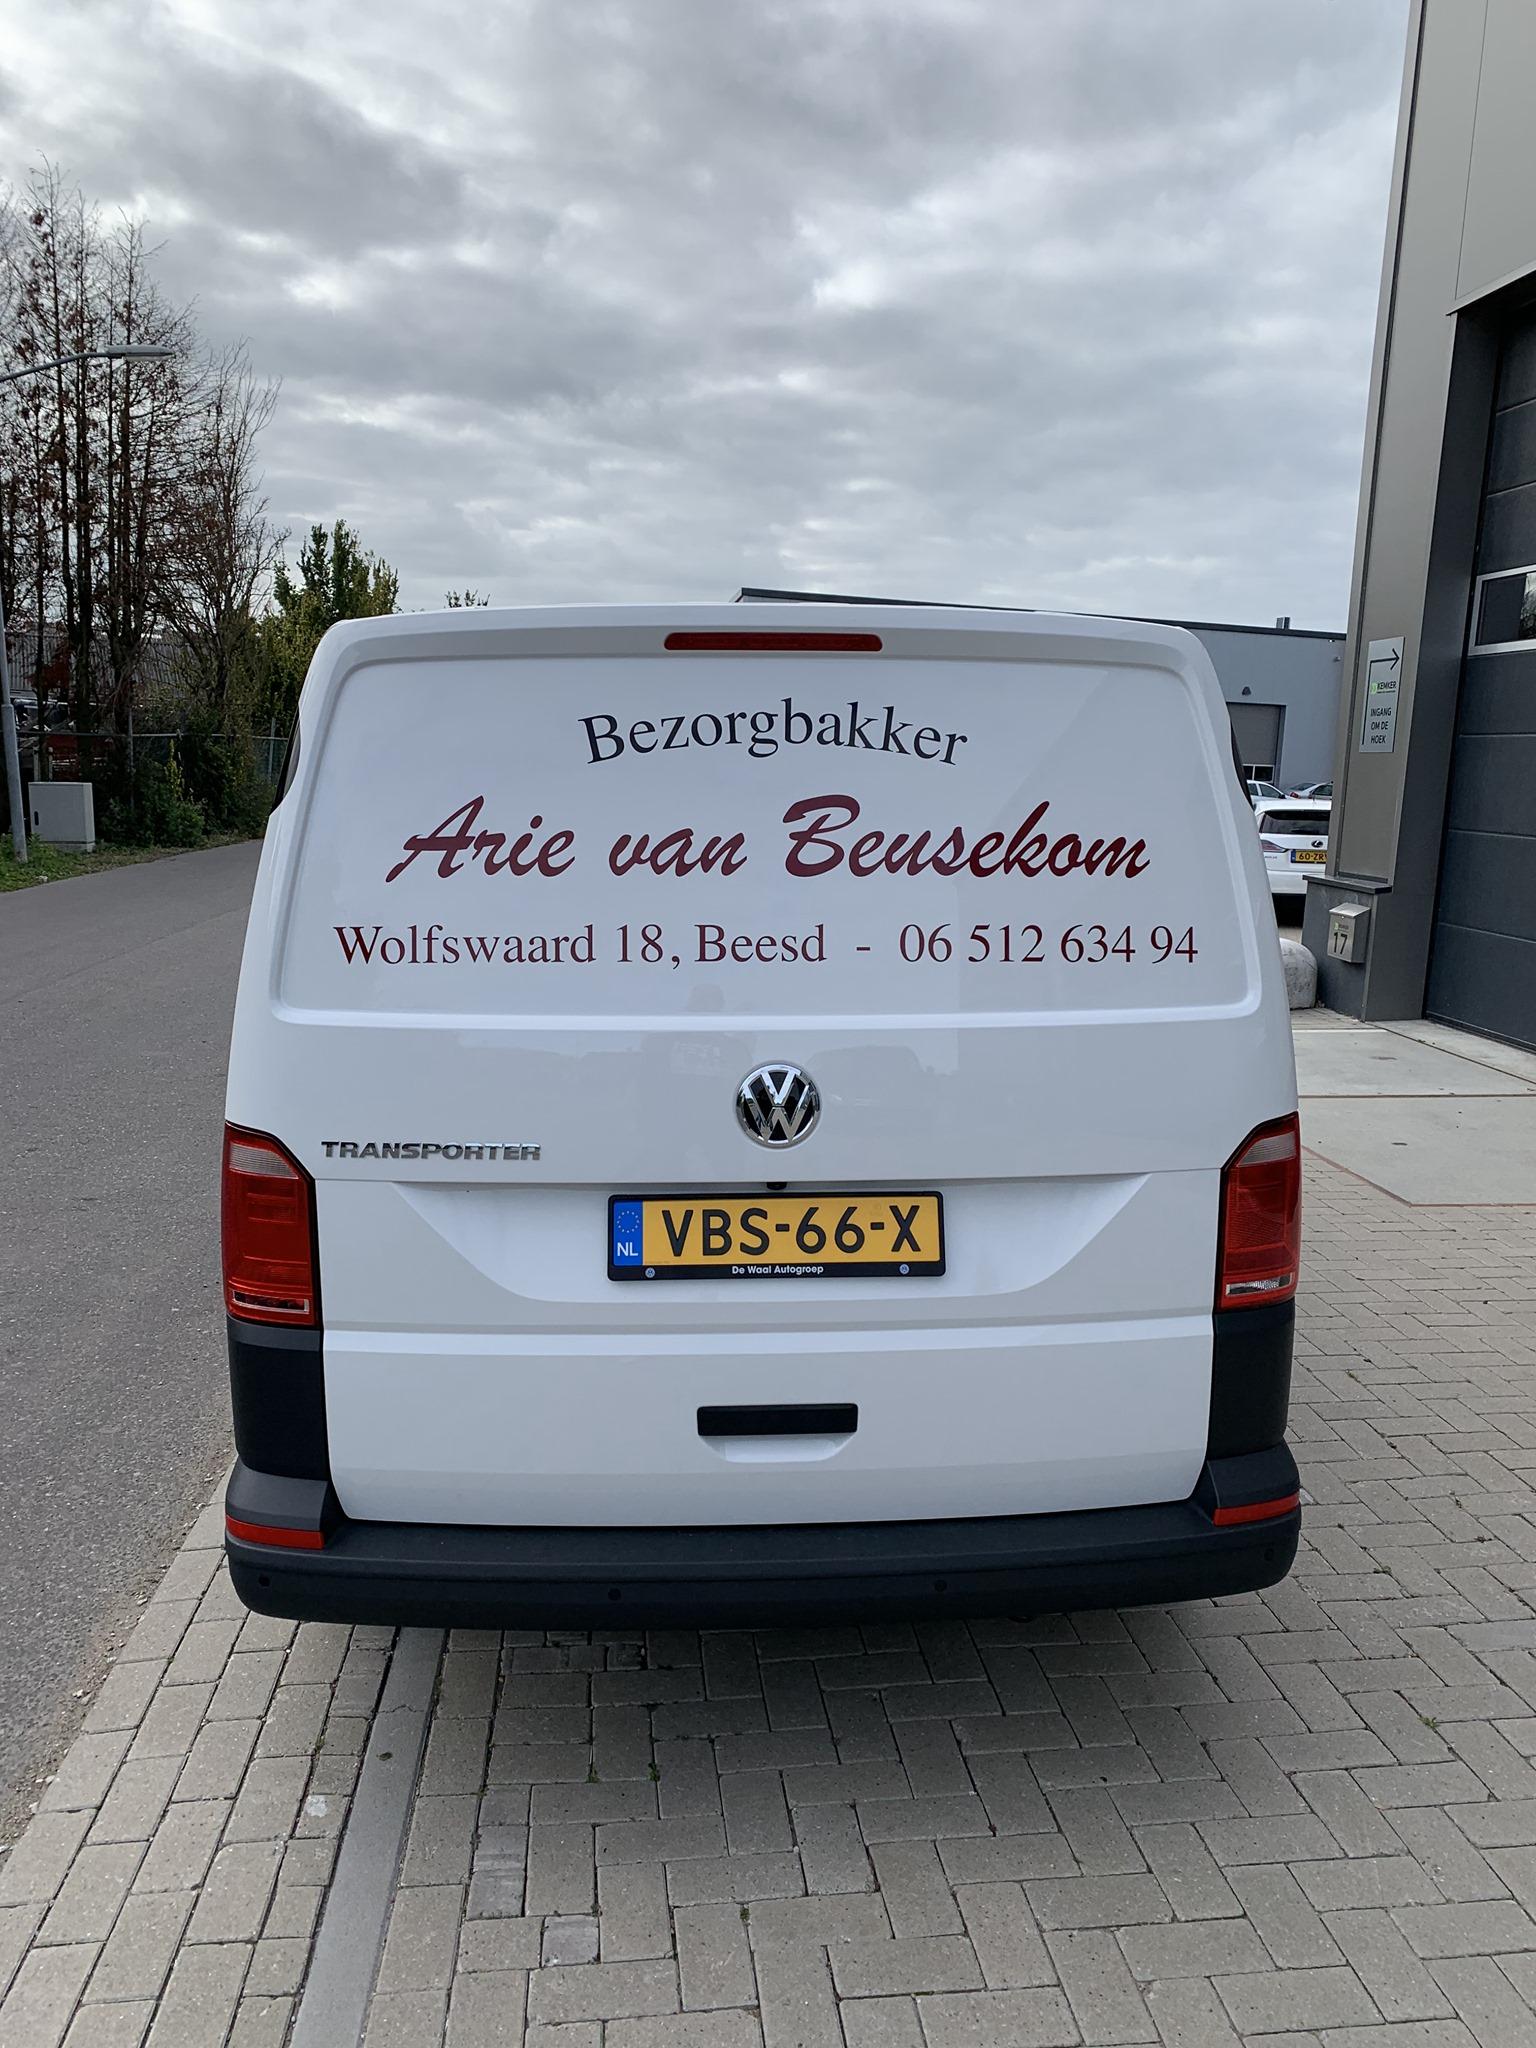 VW Transporter Bezorgbakker Arie van Beusekom